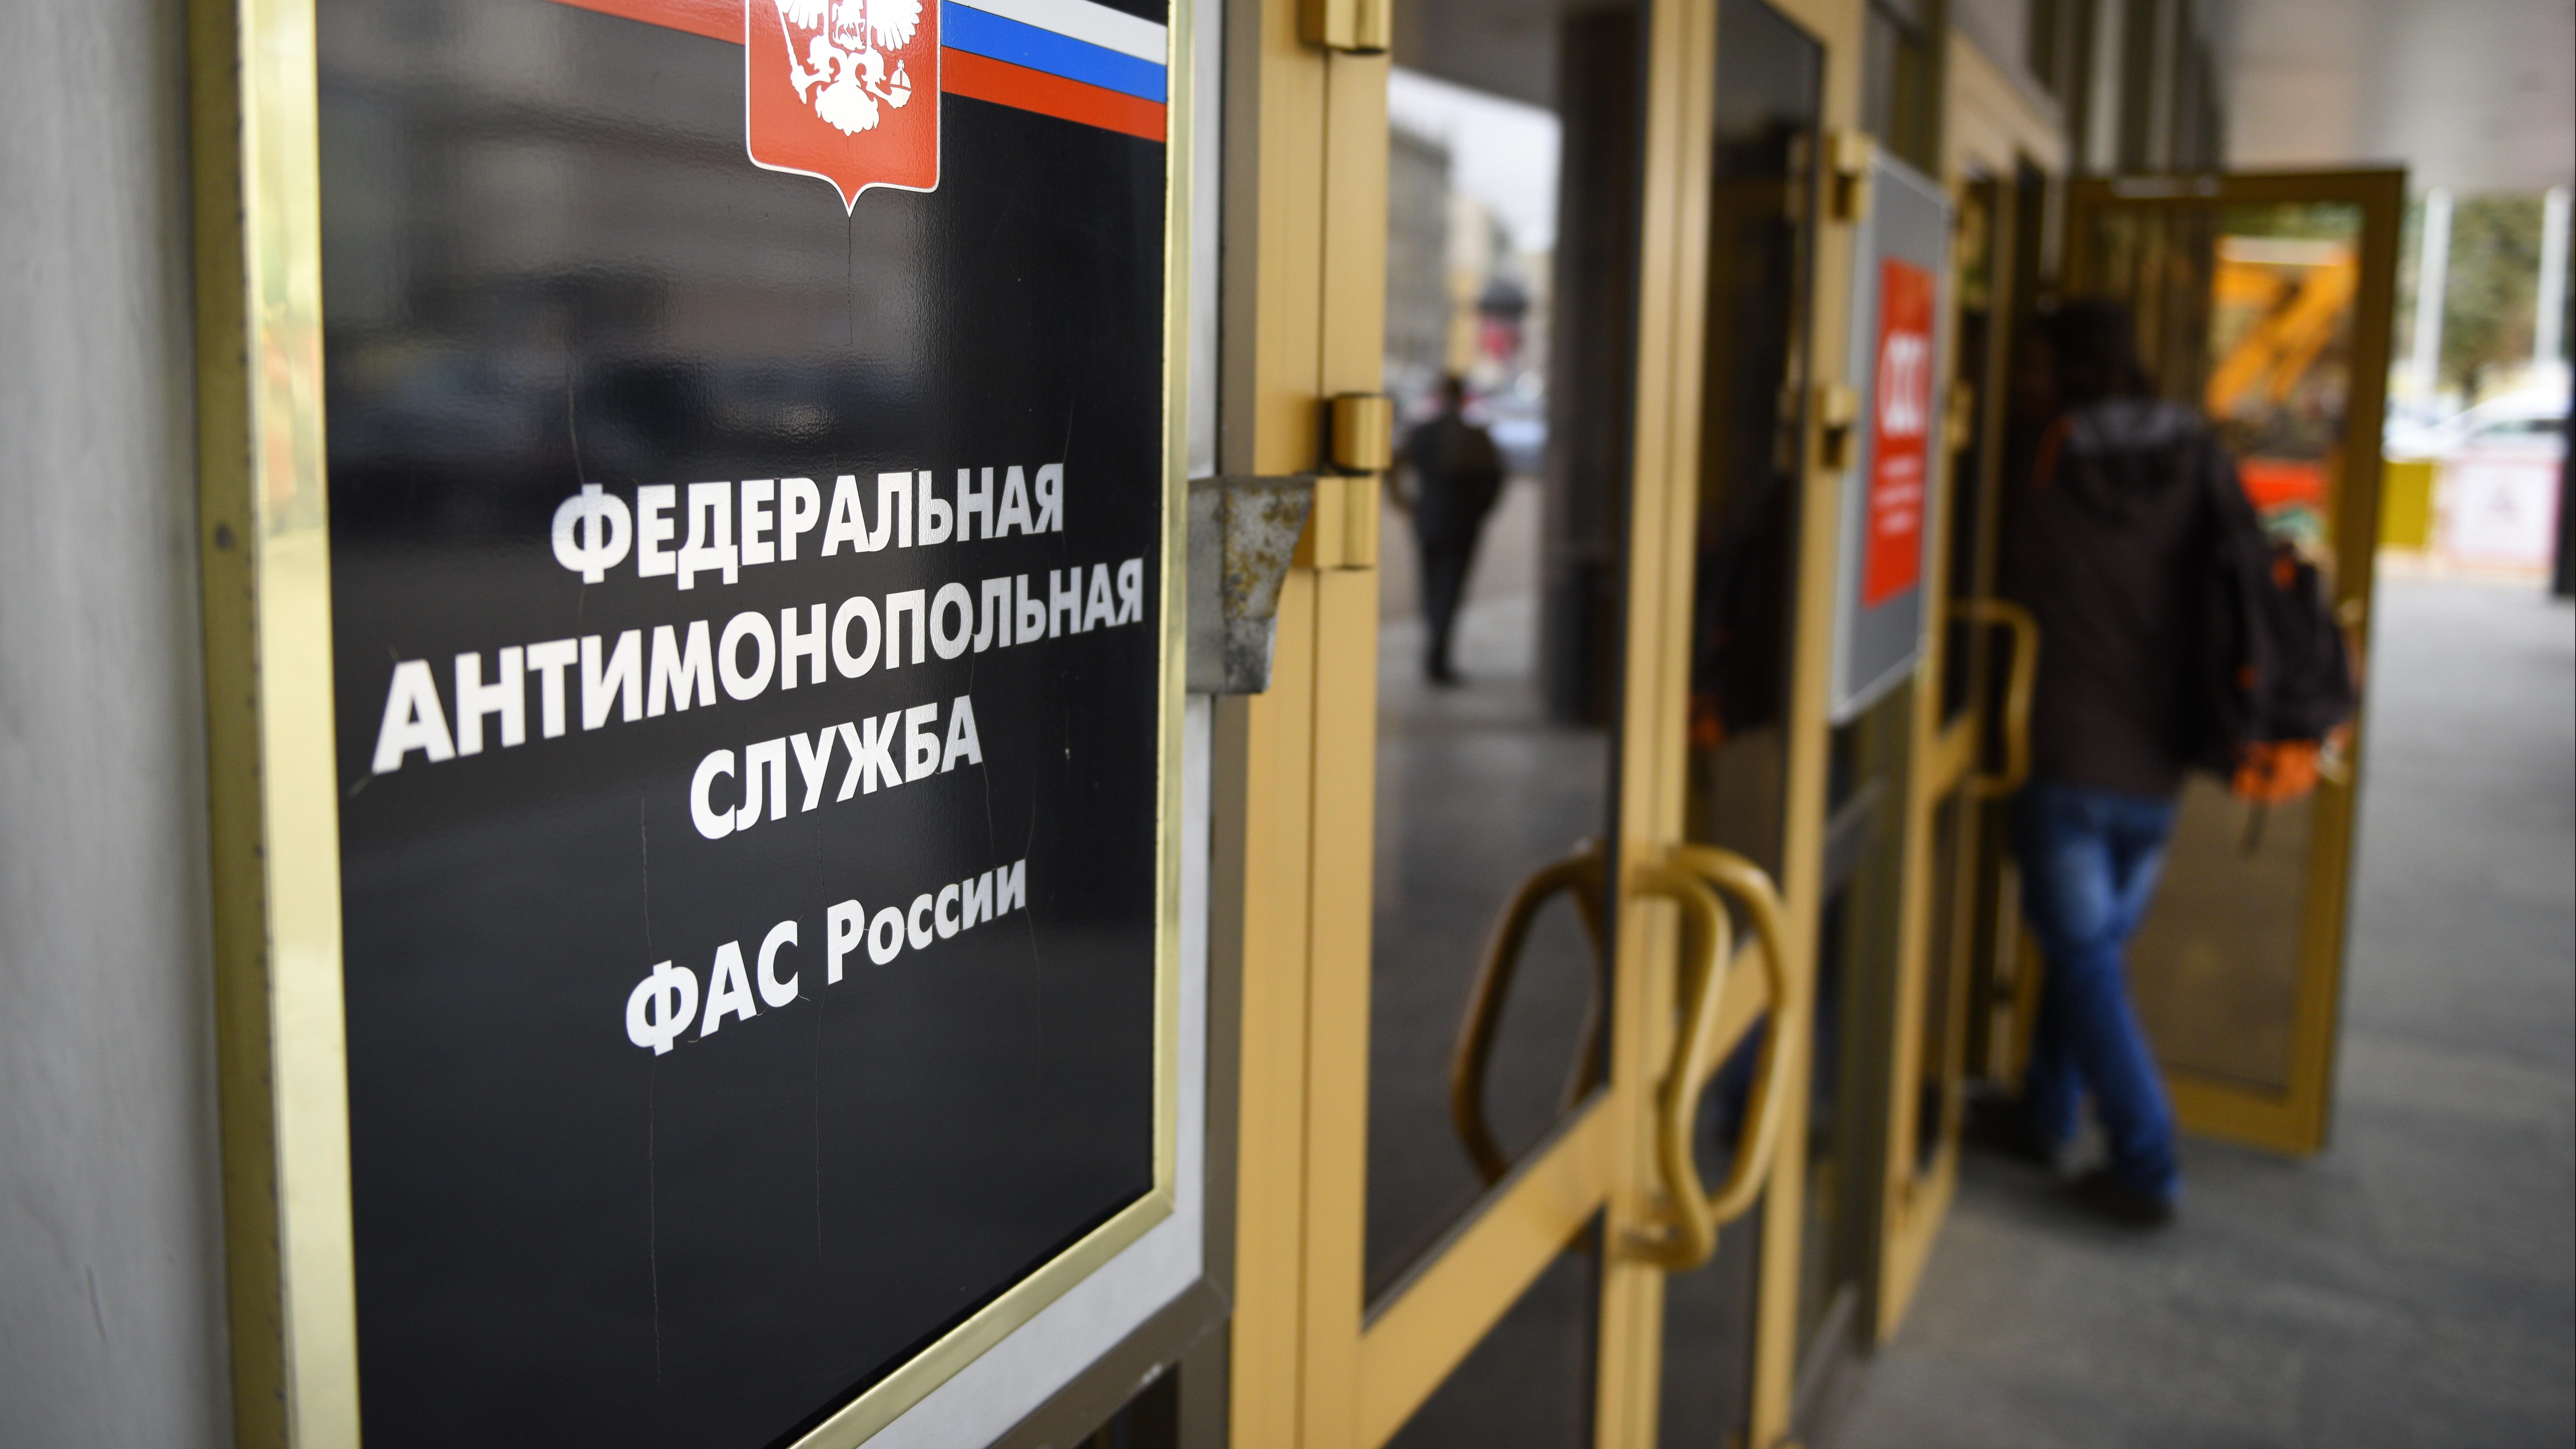 Подмосковное УФАС внесет ООО «Центр Софтверных Решений» в реестр недобросовестных поставщиков